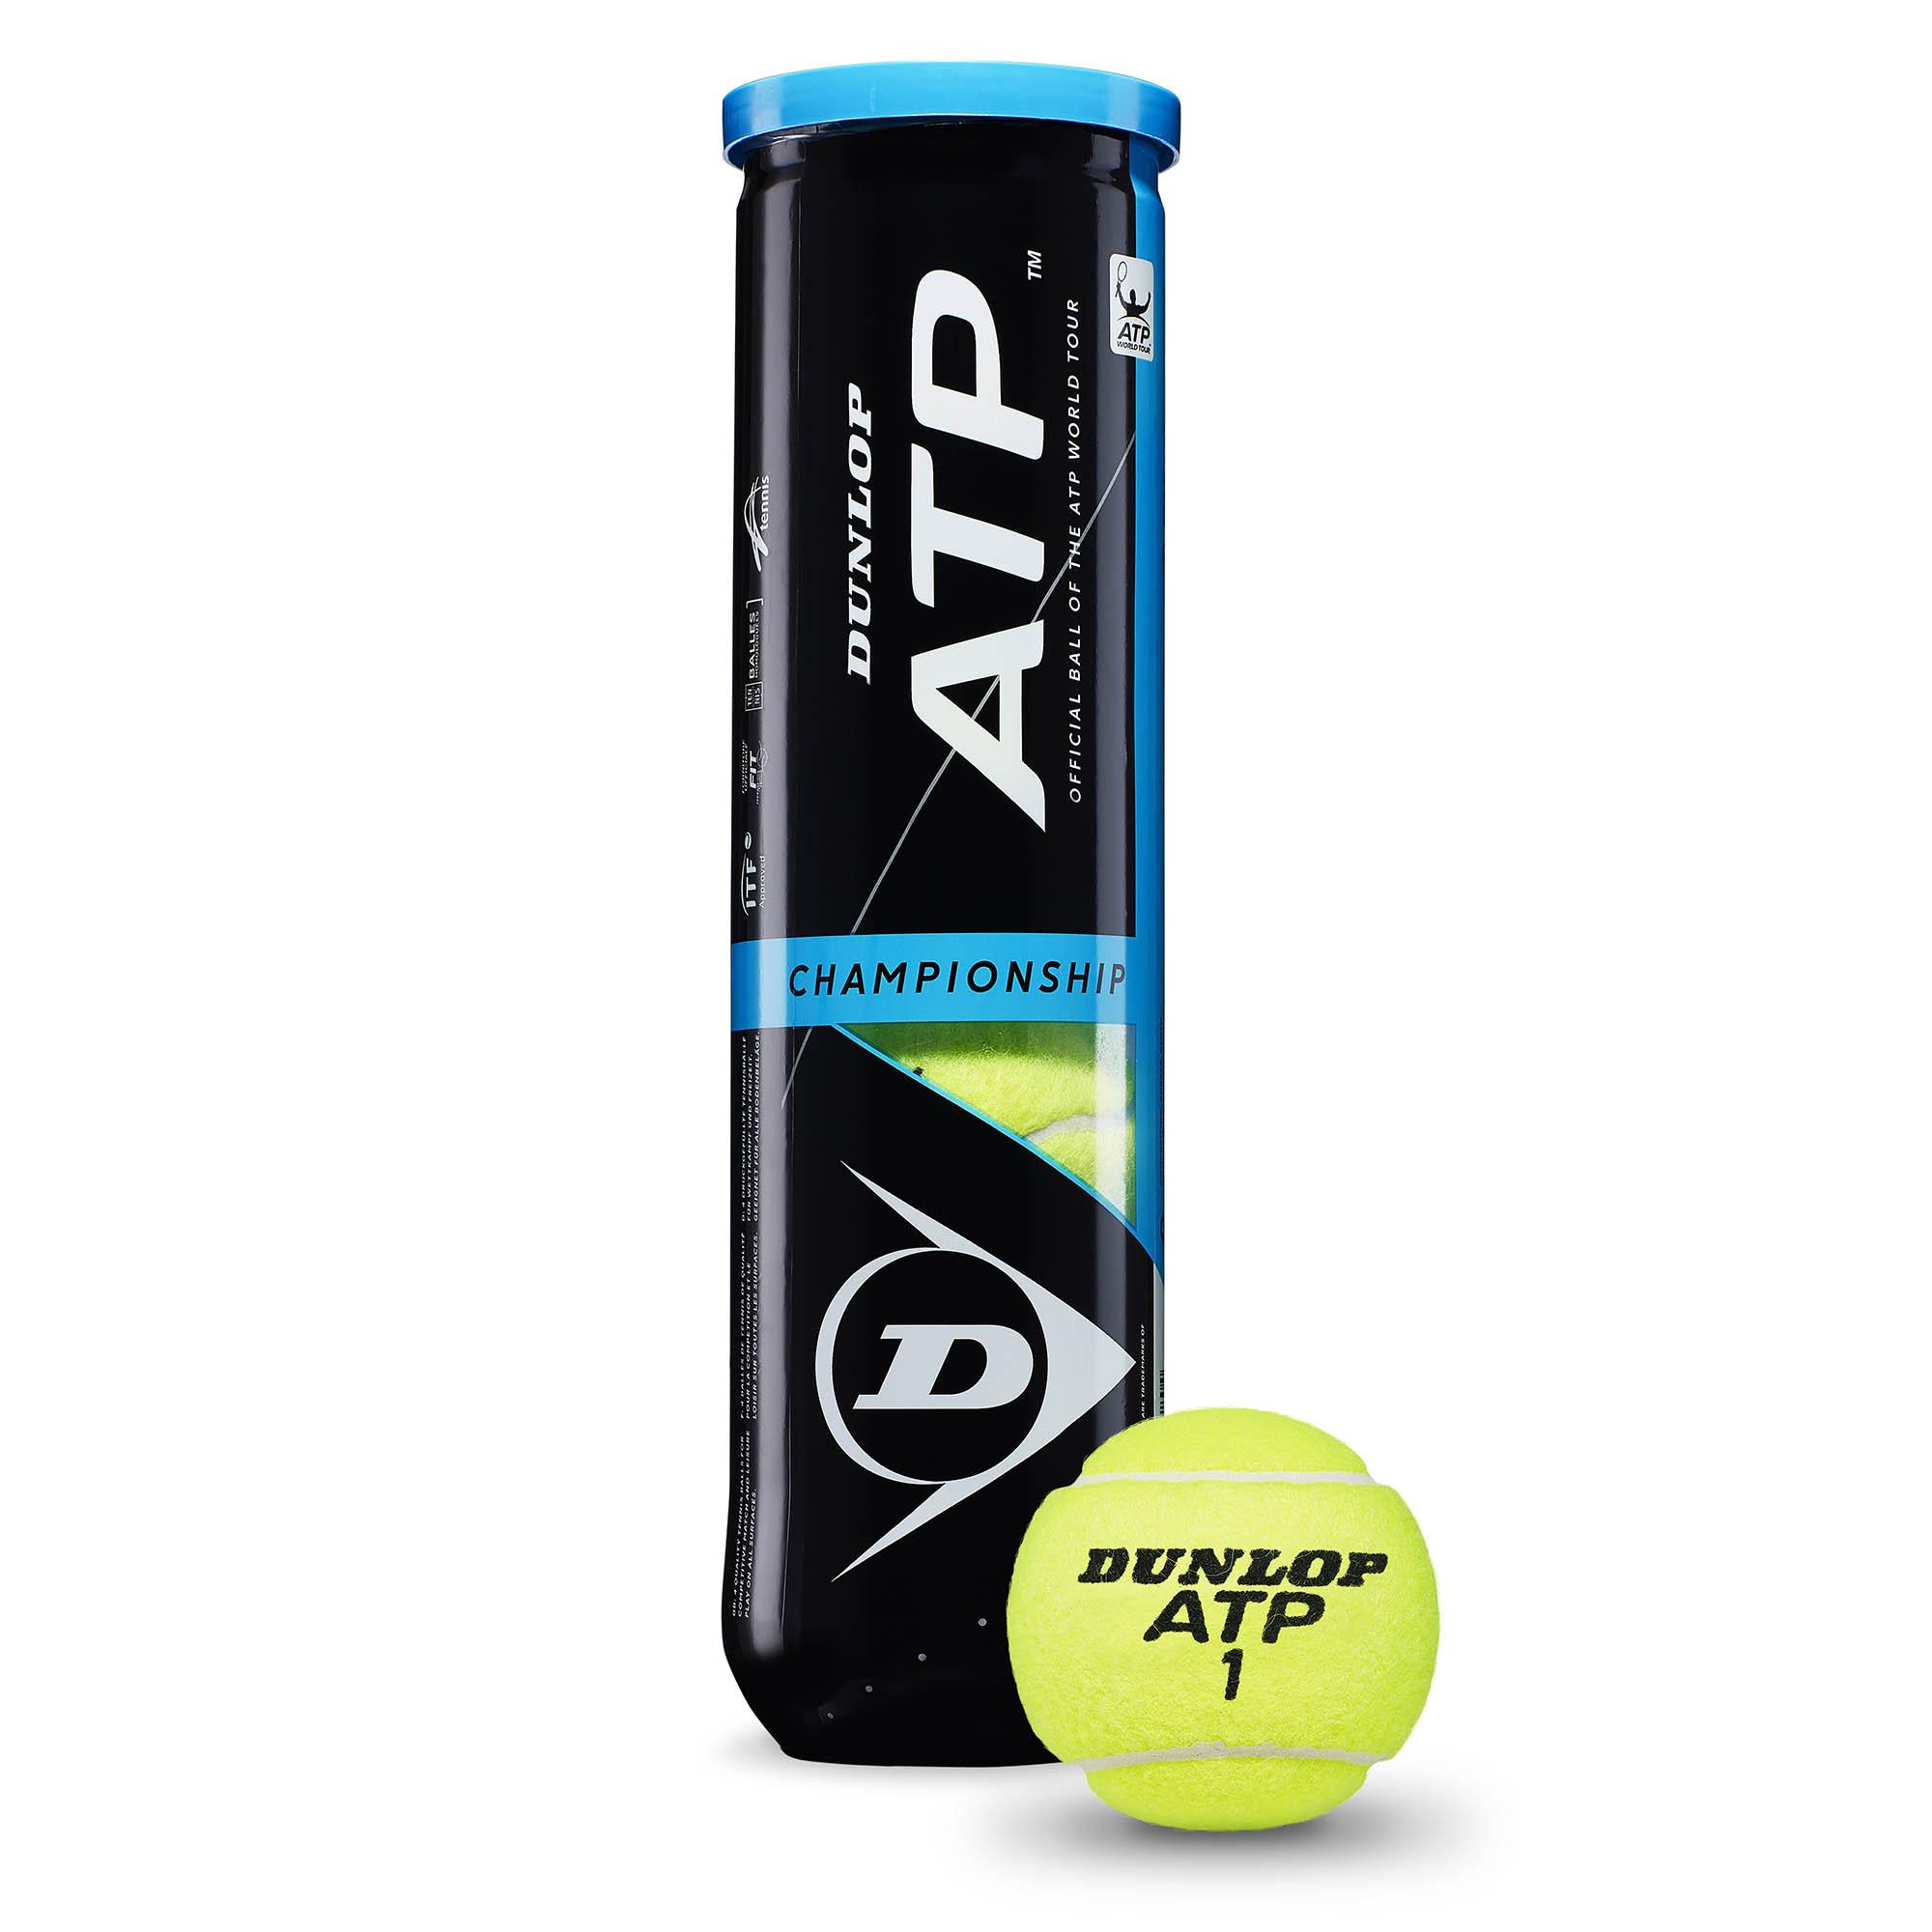 Image of Dunlop ATP Championship Tennis Balls